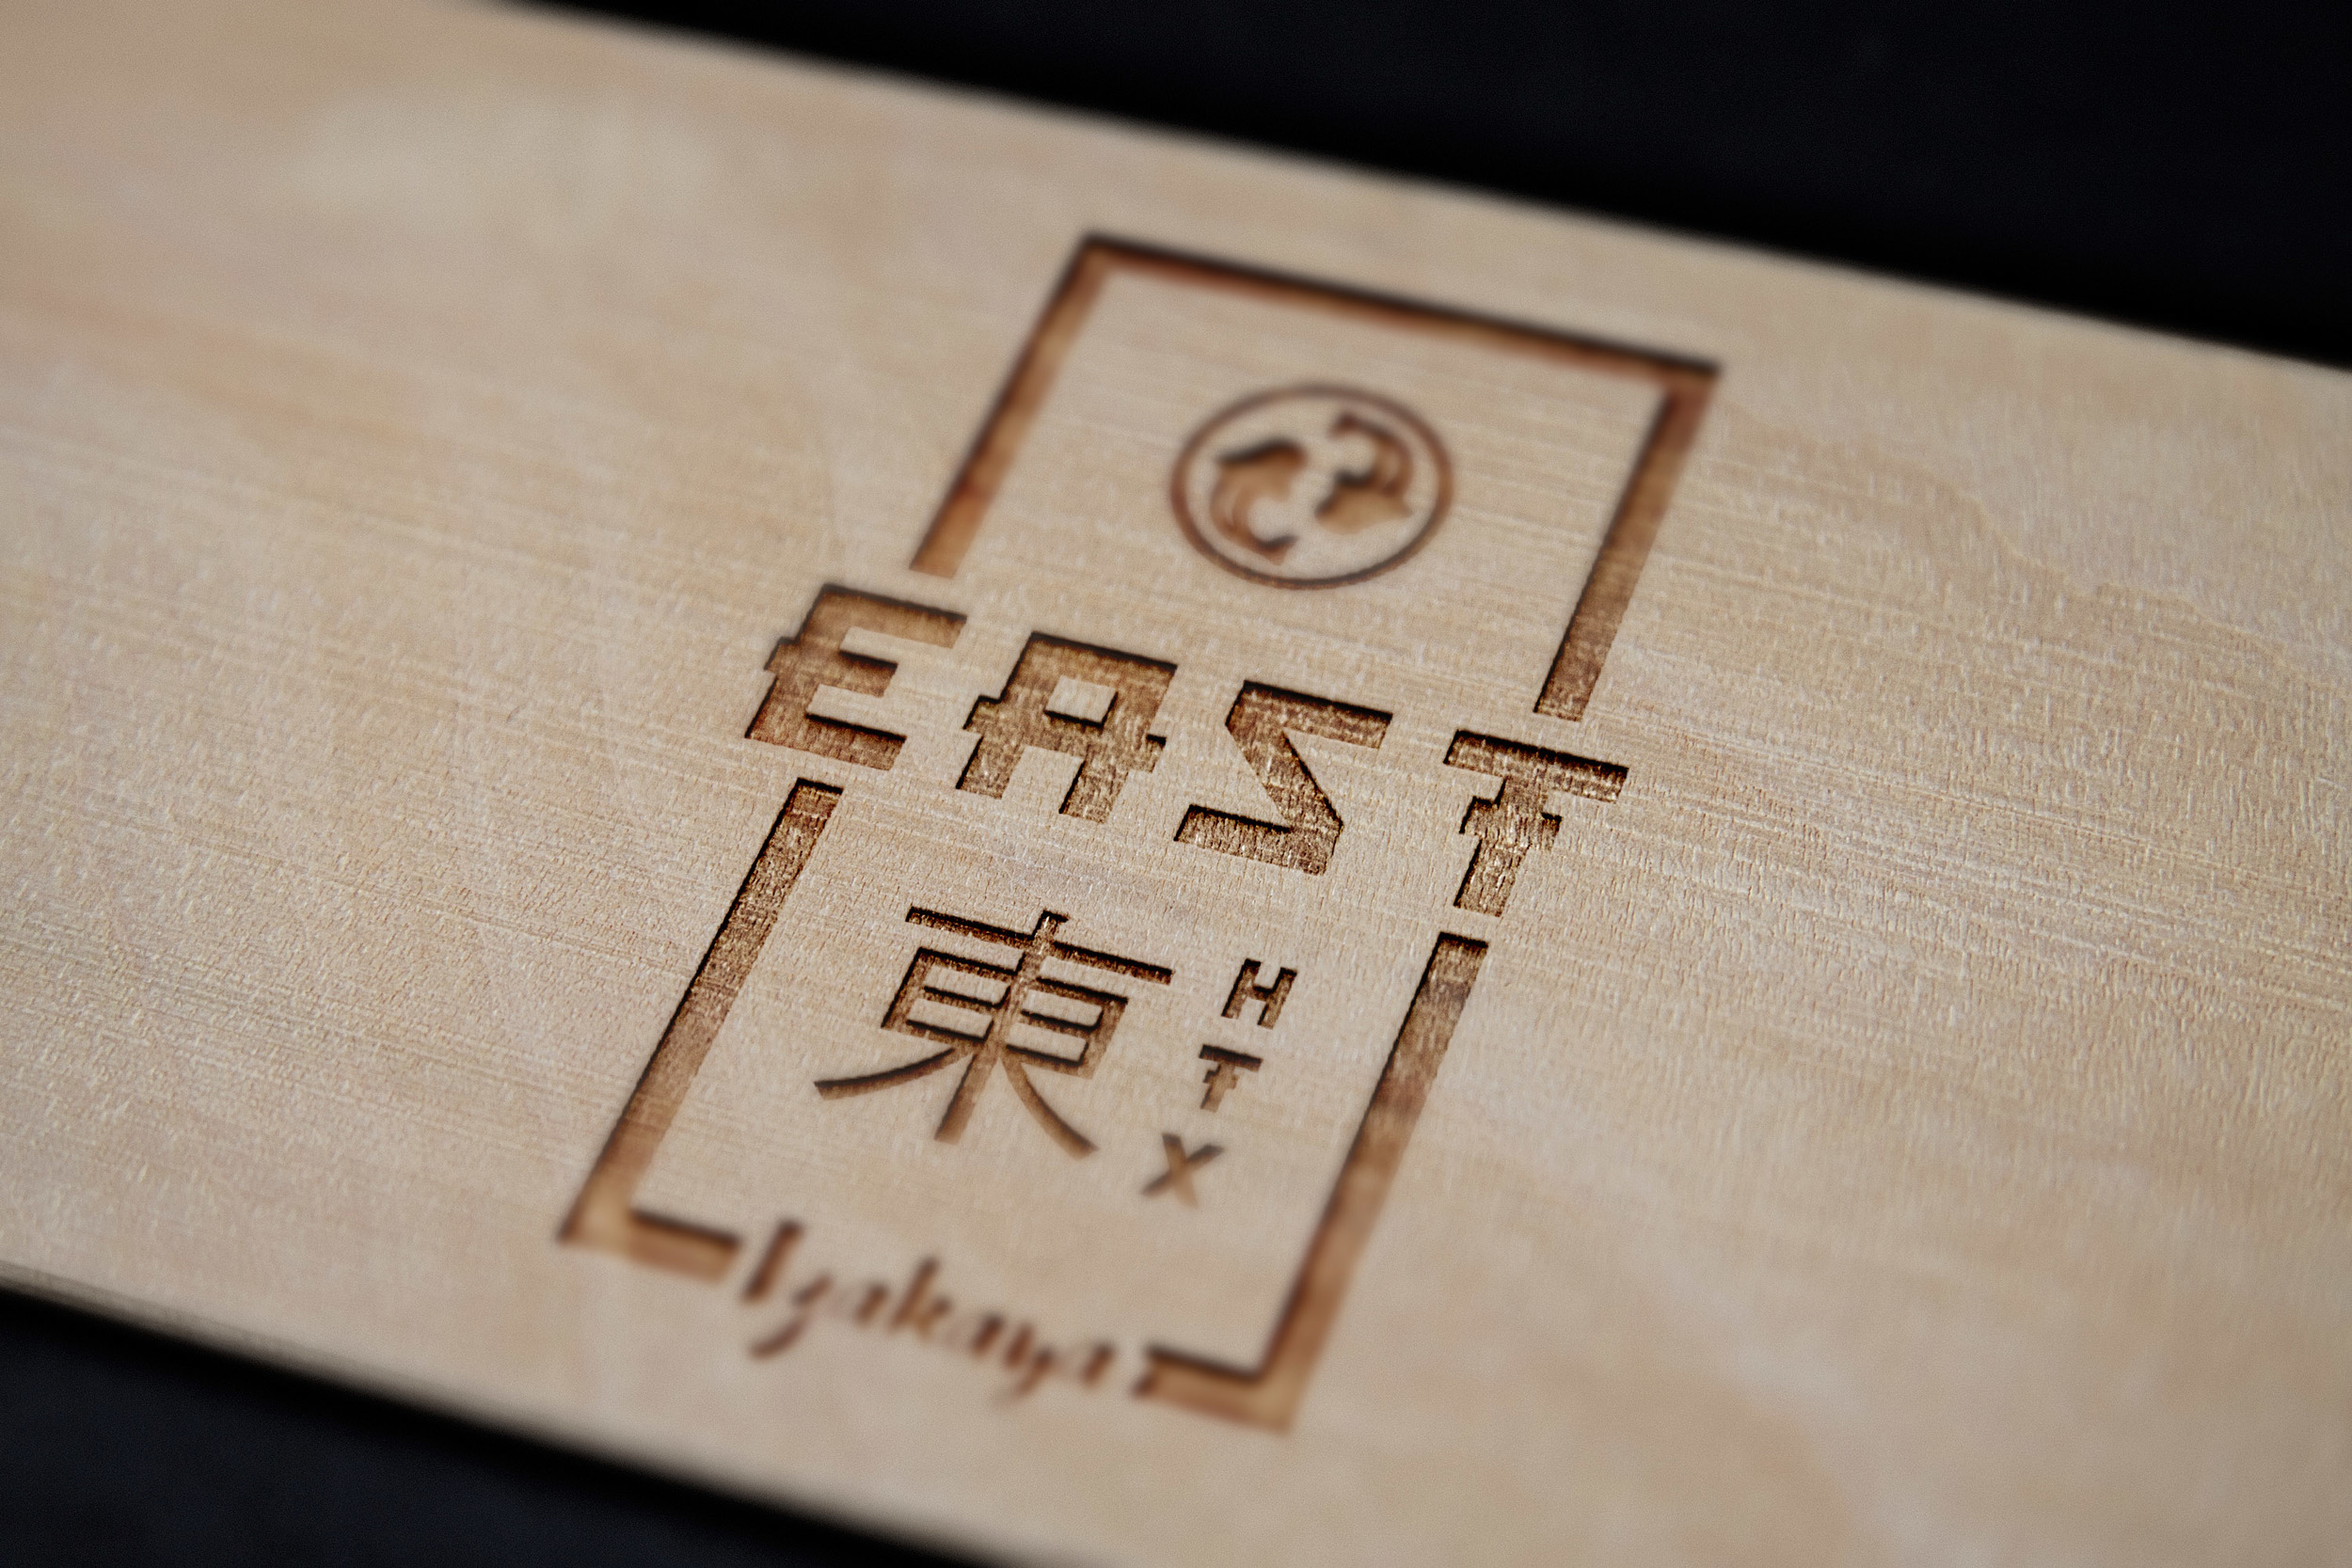 08-easthtx-1.jpg